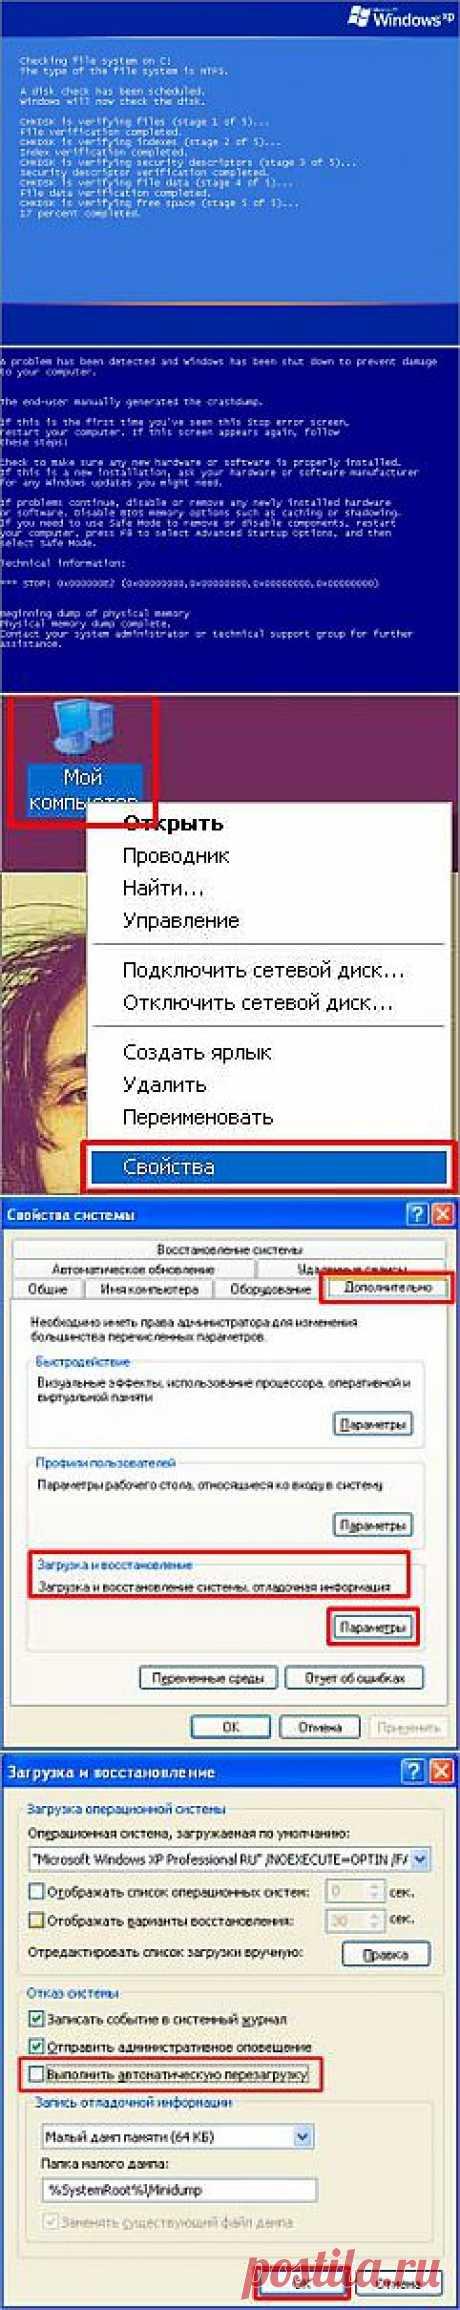 Синий экран. Проверка диска или экран смерти?